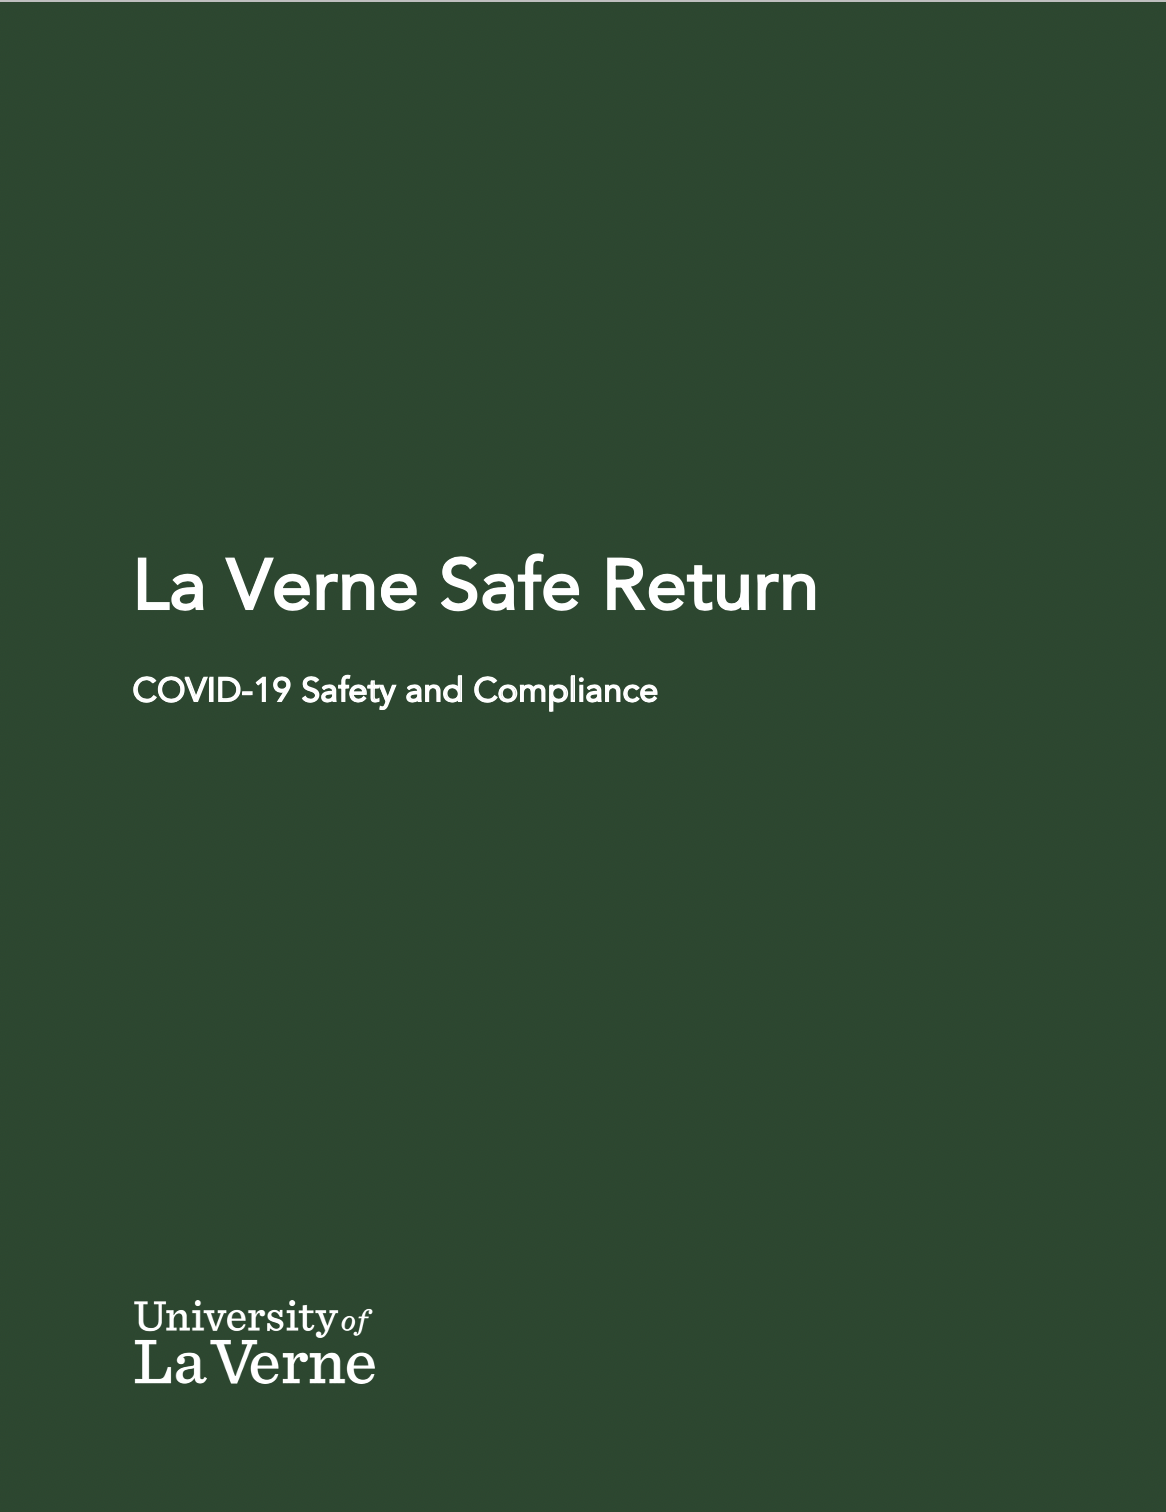 La Verne Safe Return